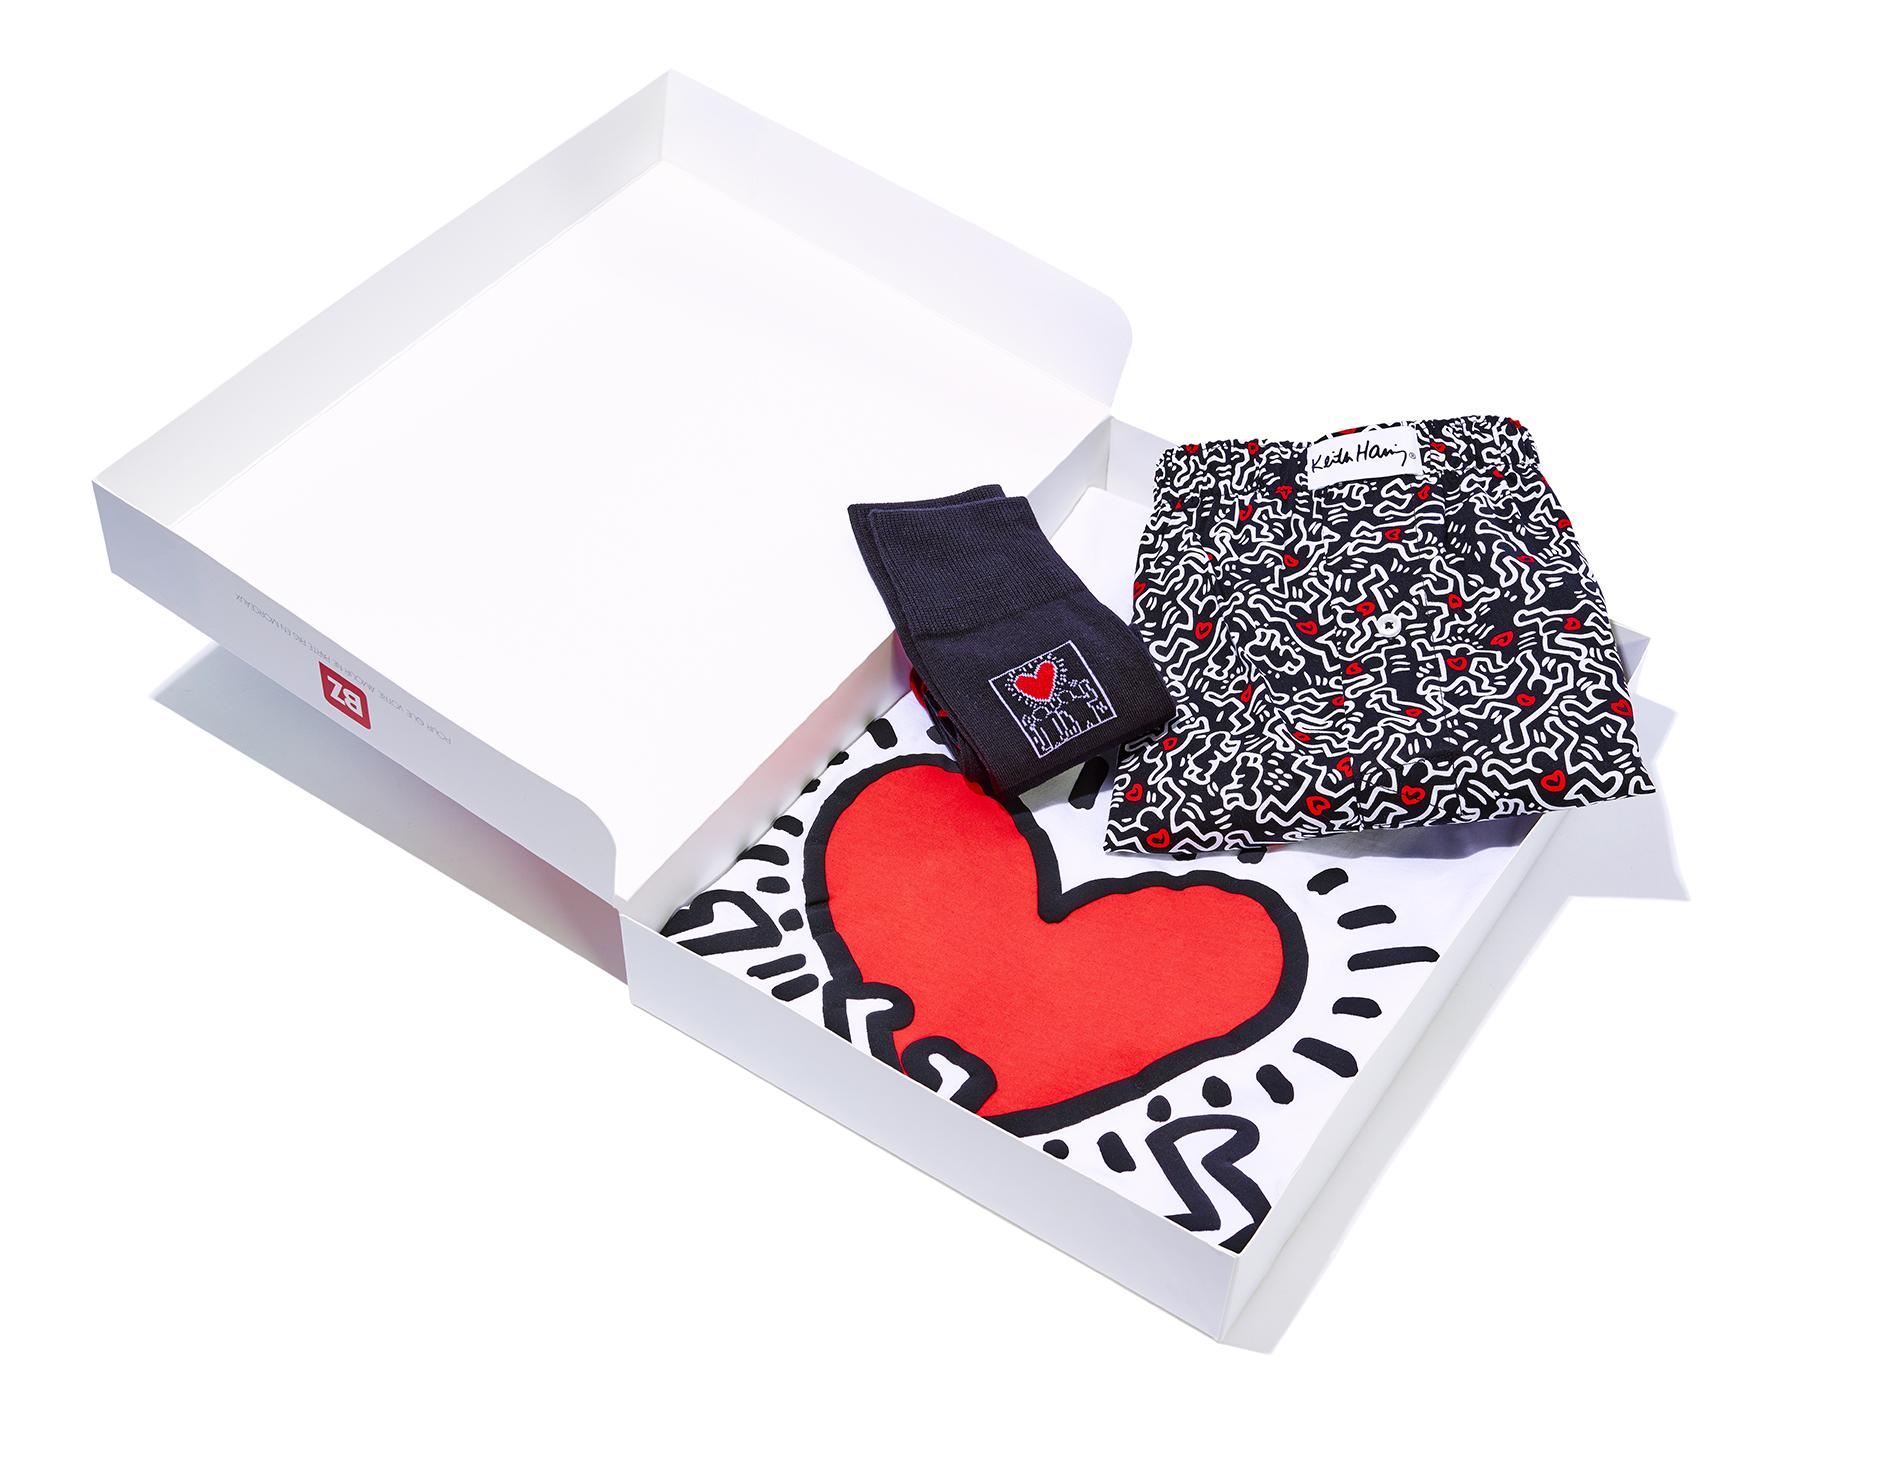 Celio x Keith Haring